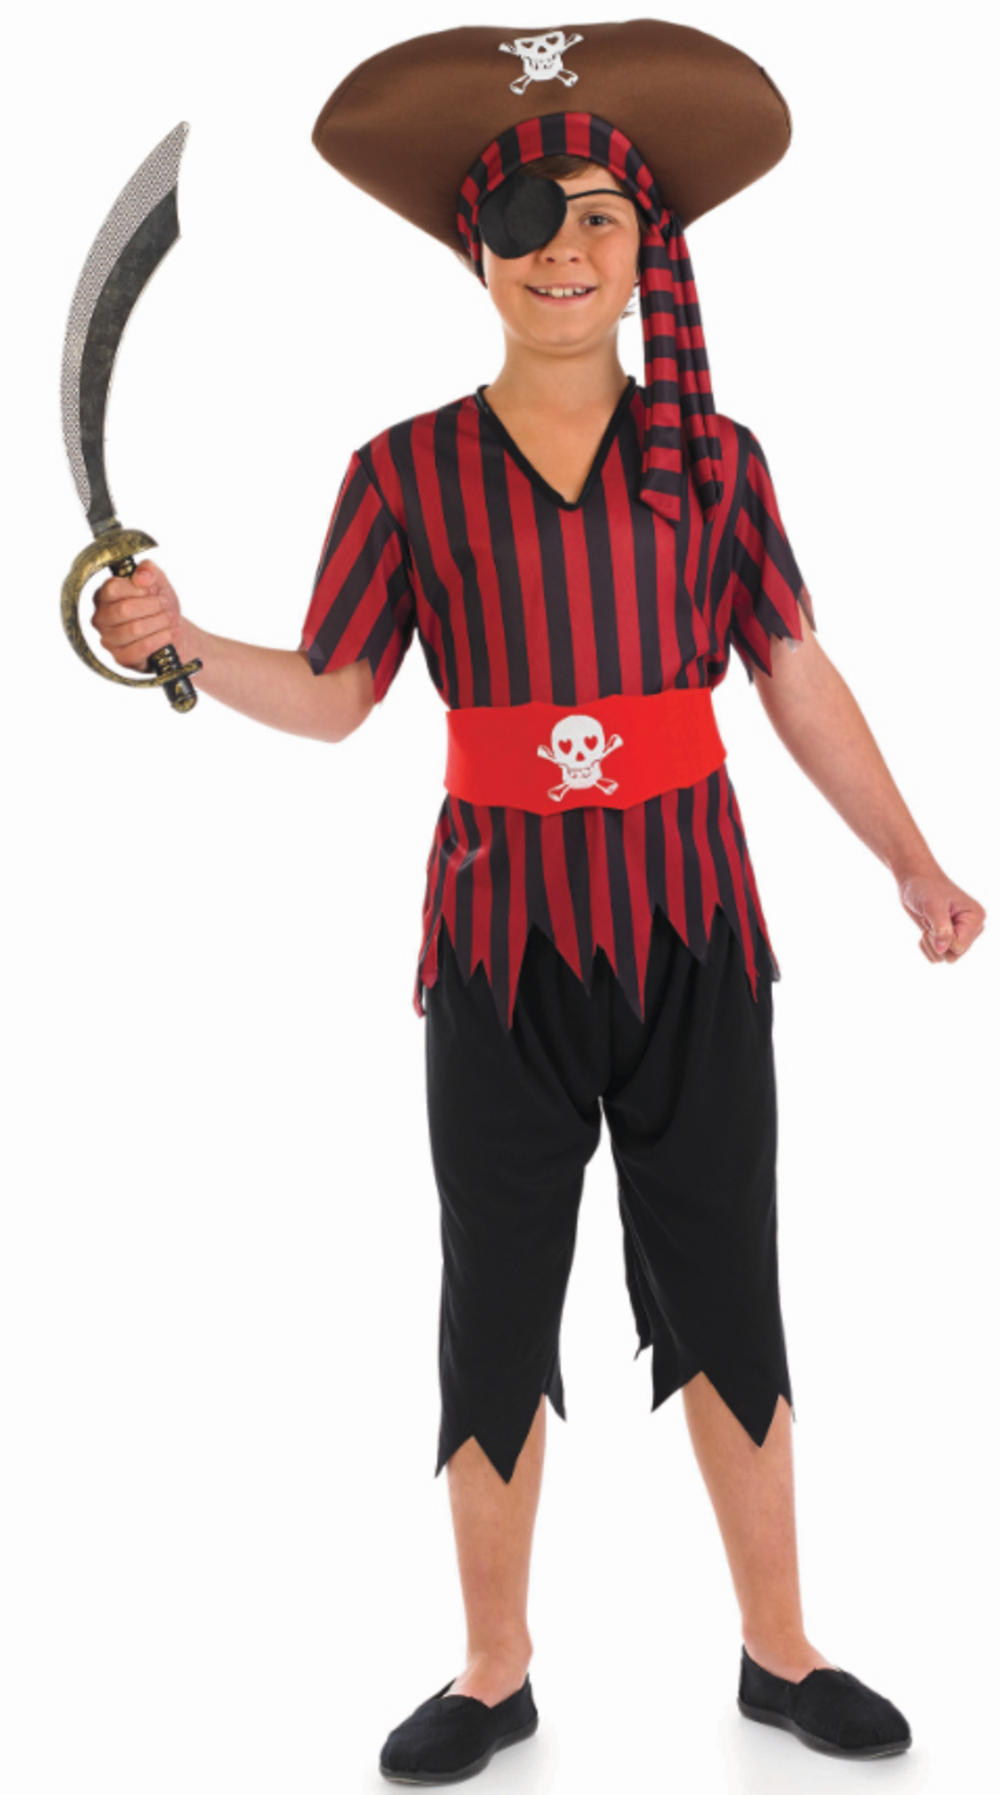 Как сделать костюм пирата для детей своими руками: мастер